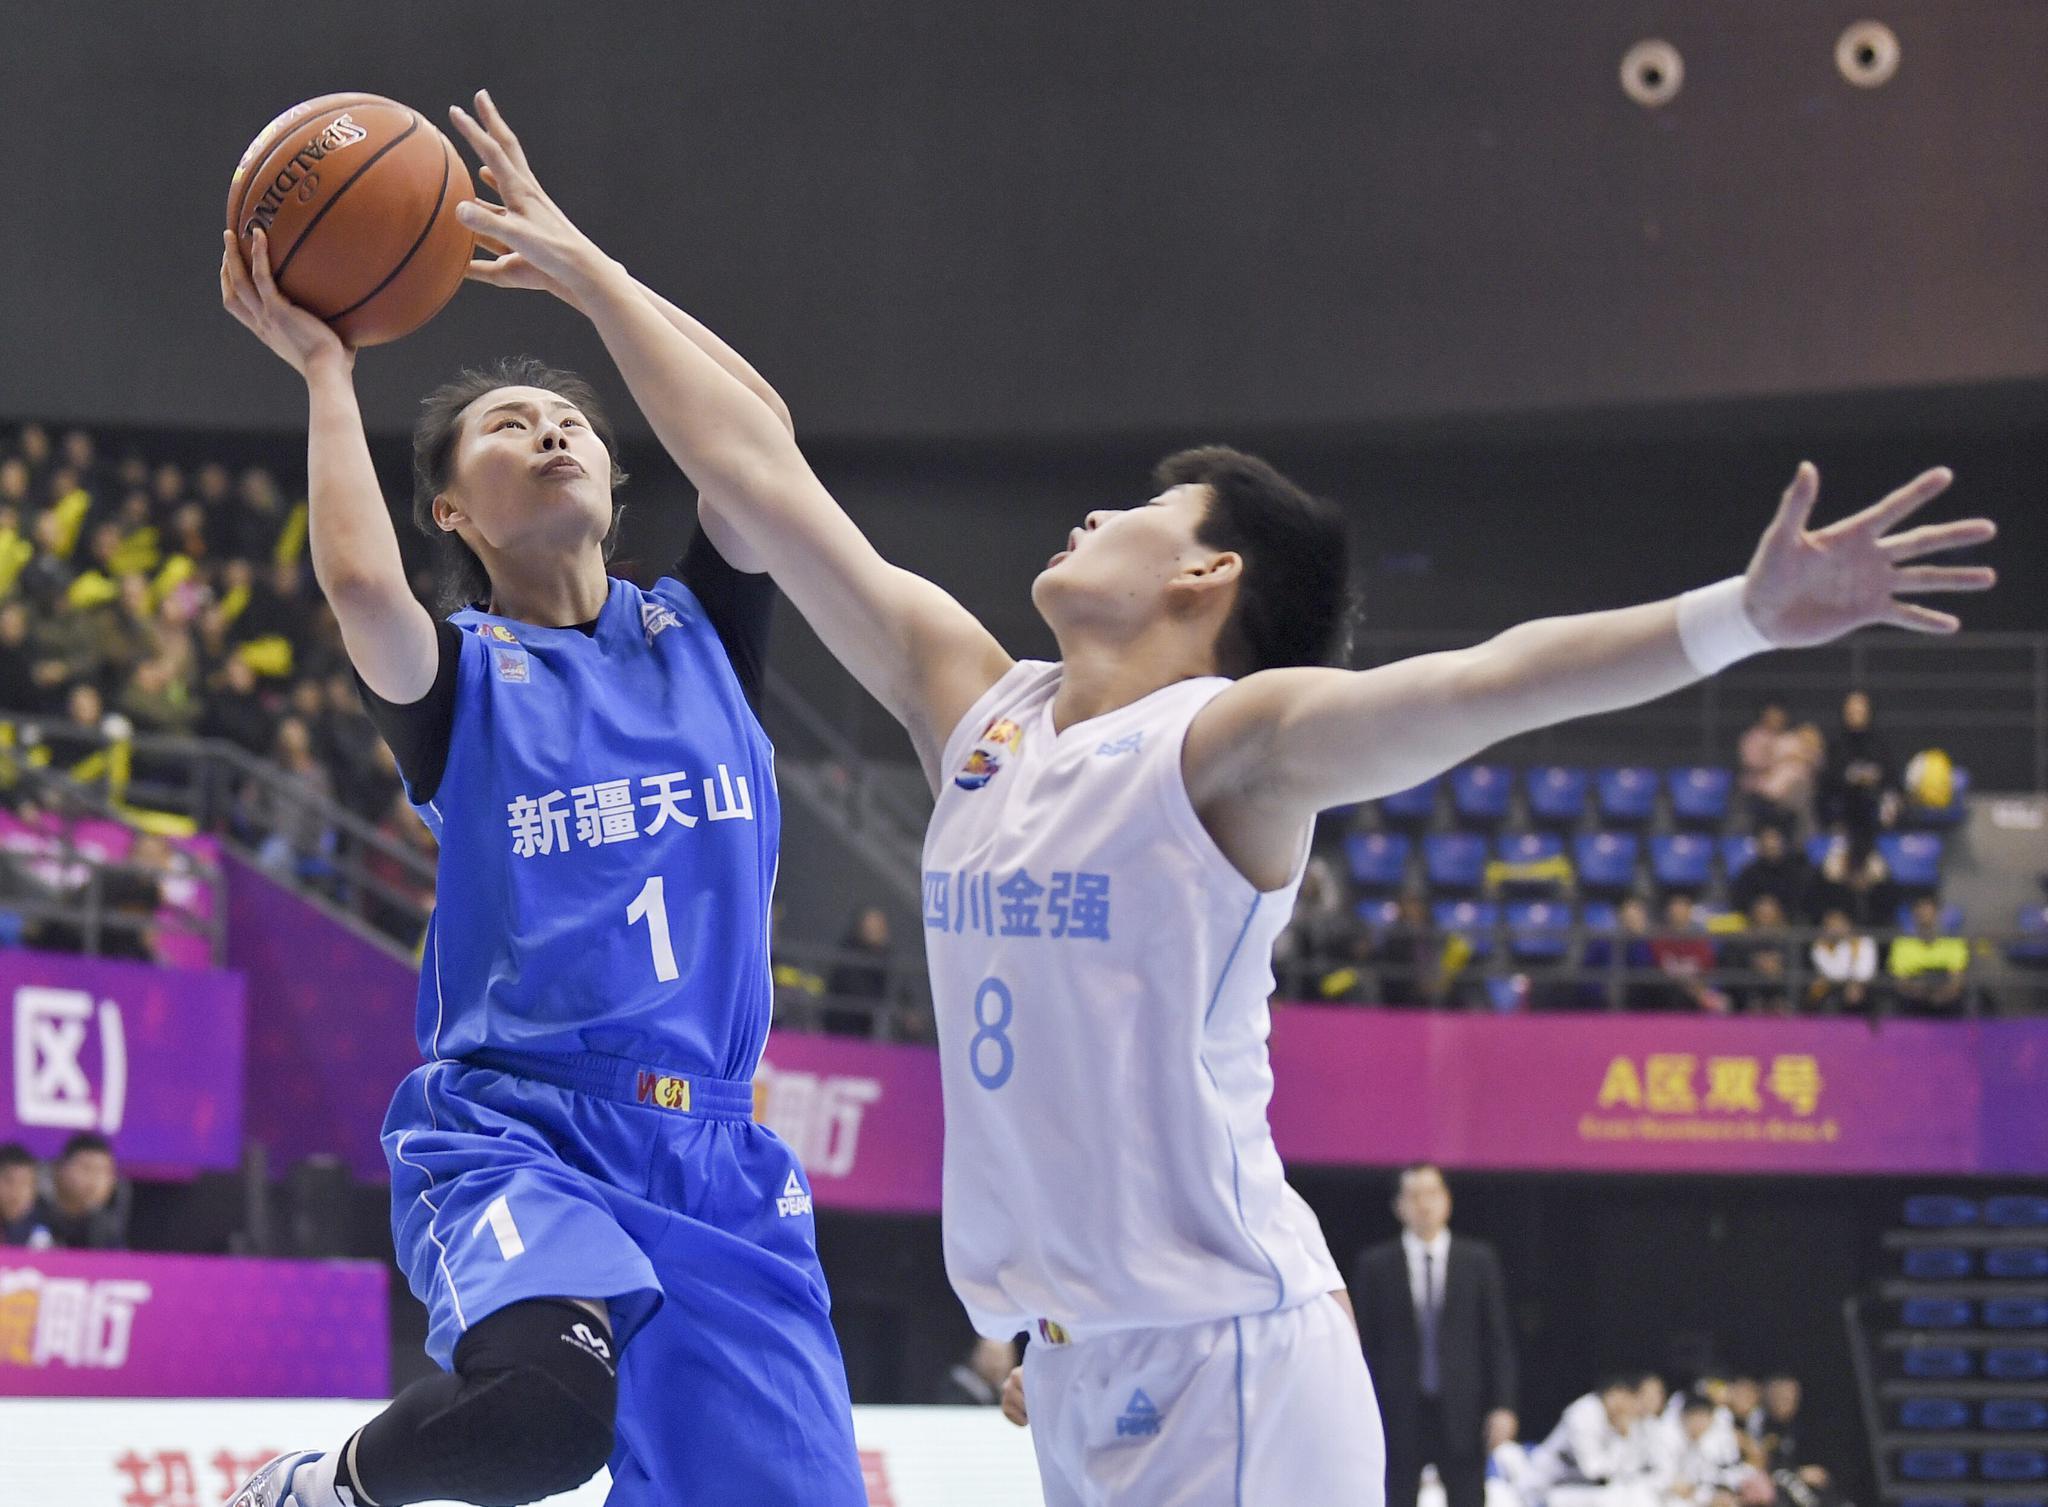 篮球——WCBA常规赛:新疆体彩胜四川远达美乐